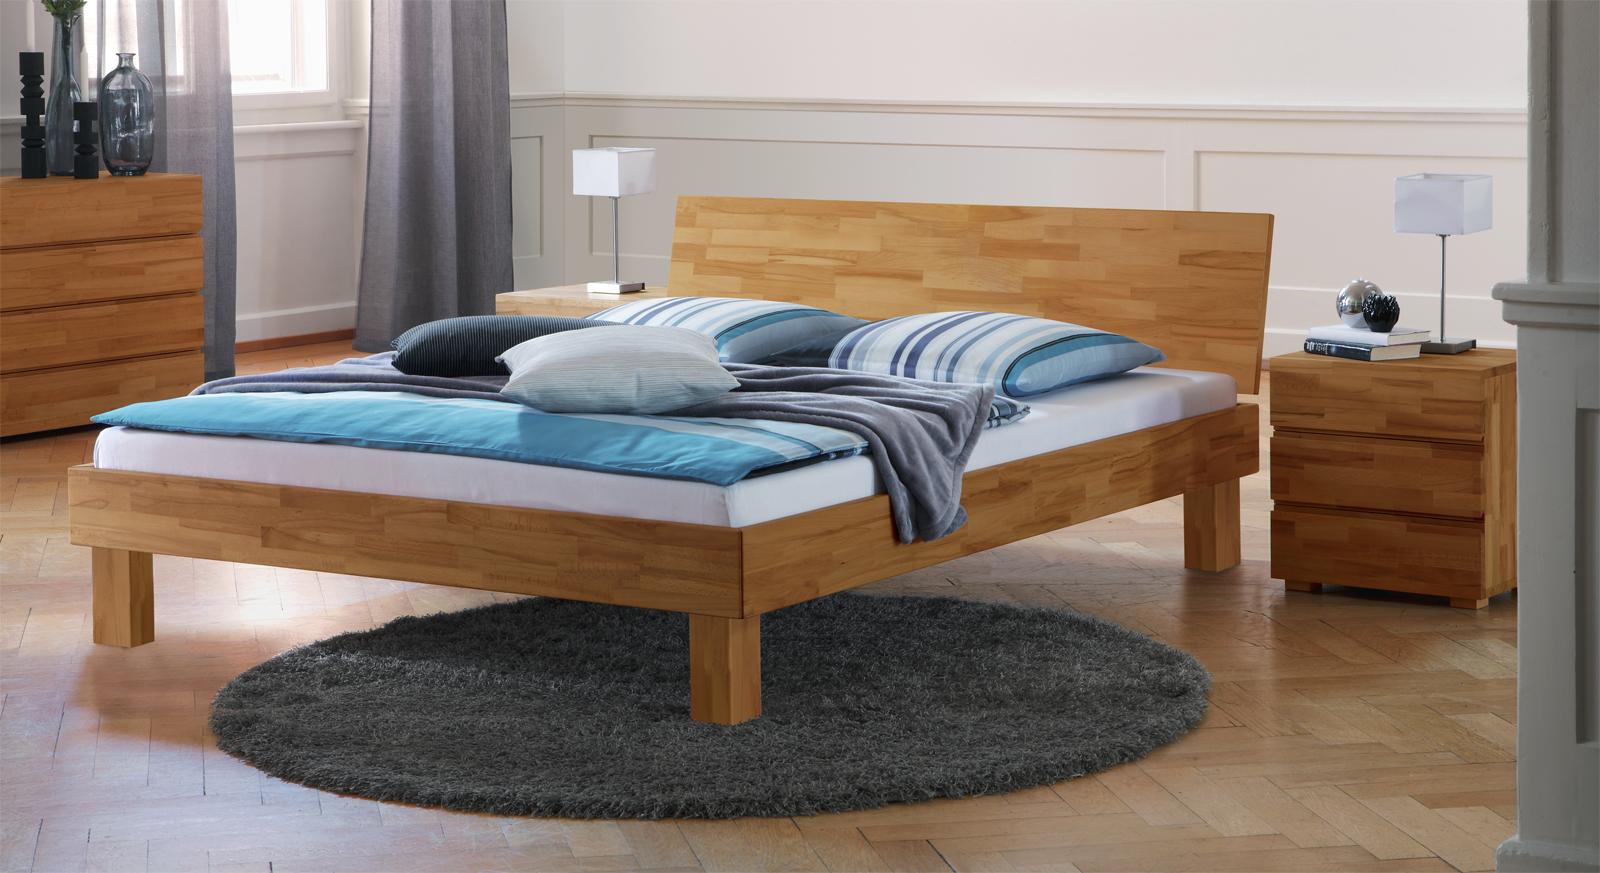 Bett Aus Unbehandeltem Holz ~ Schönes Bett Riga aus massivem Buchenholz in Bettbreite 180